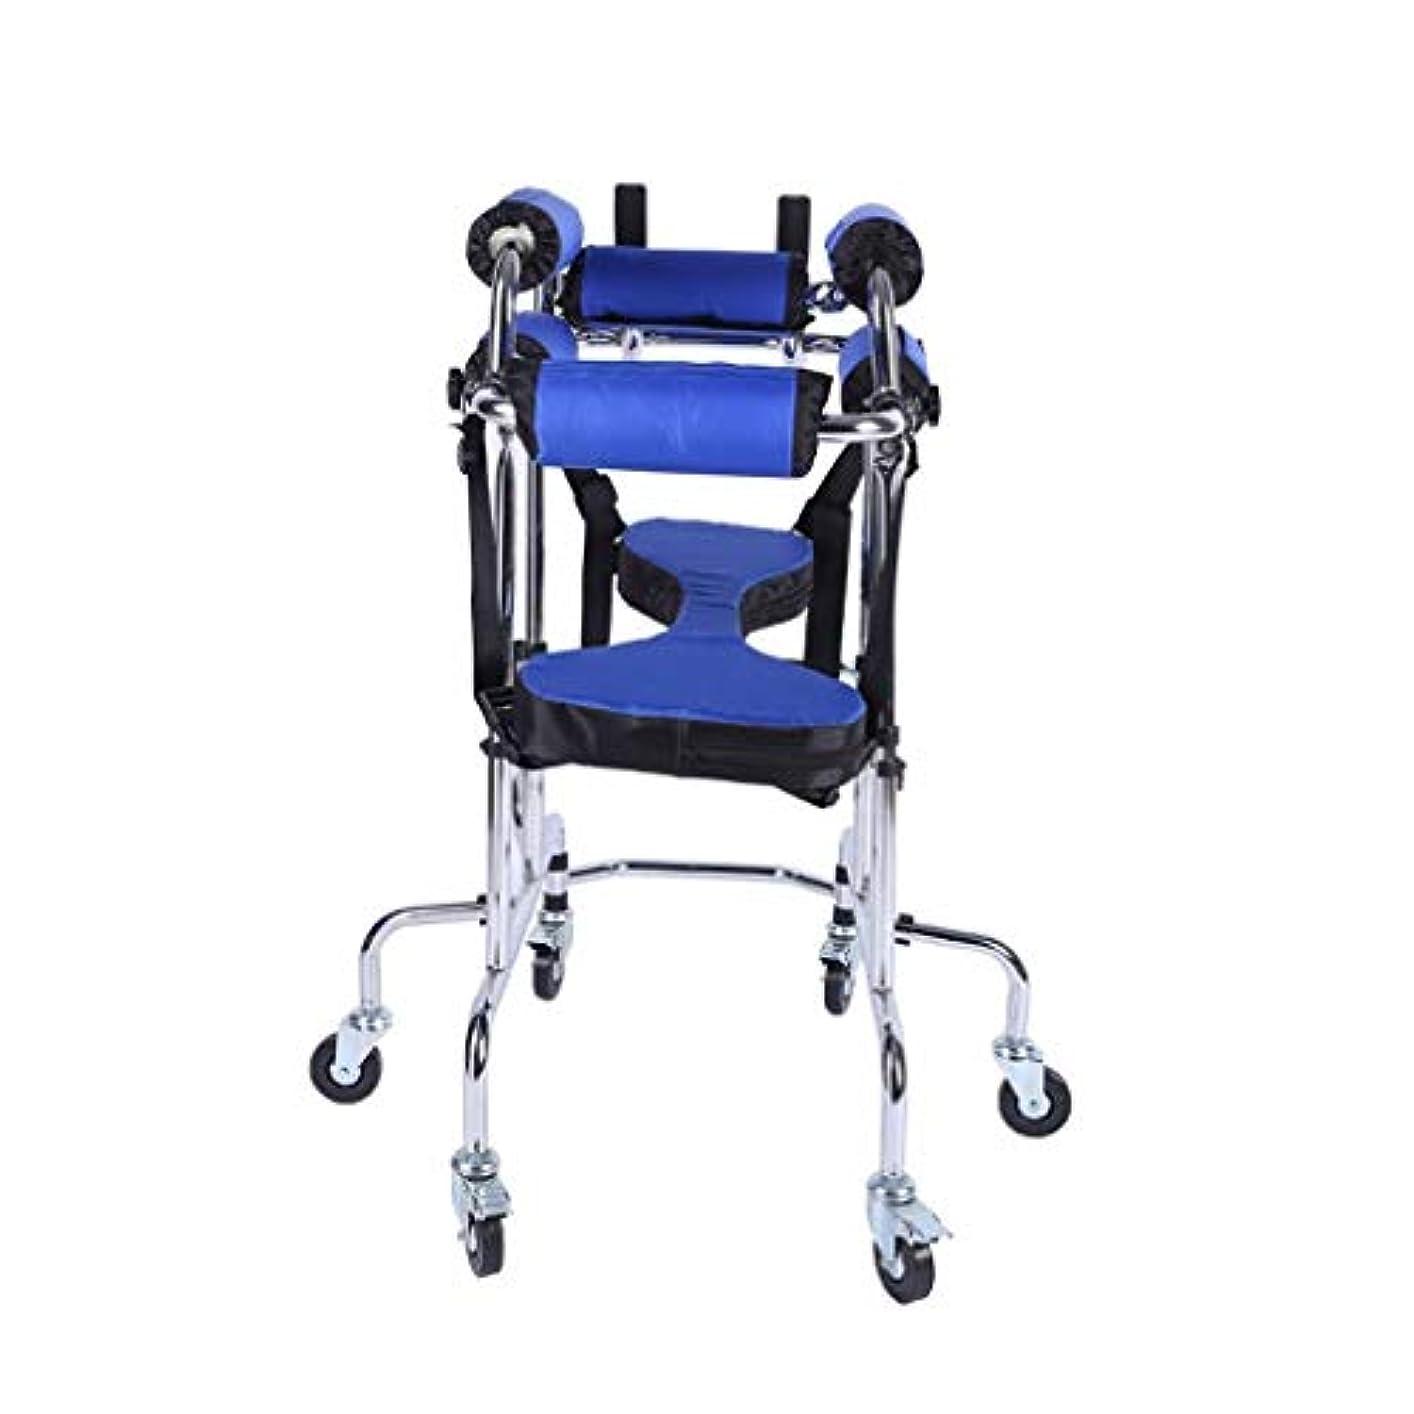 滑りやすいチューインガム量でチャイルドウォーカー/下肢トレーニングおよびリハビリ機器/リハビリ機器/スタンディングウォークスタンド/ウォークエイド/ウォーカー/スタンドフレーム付きシートホイール